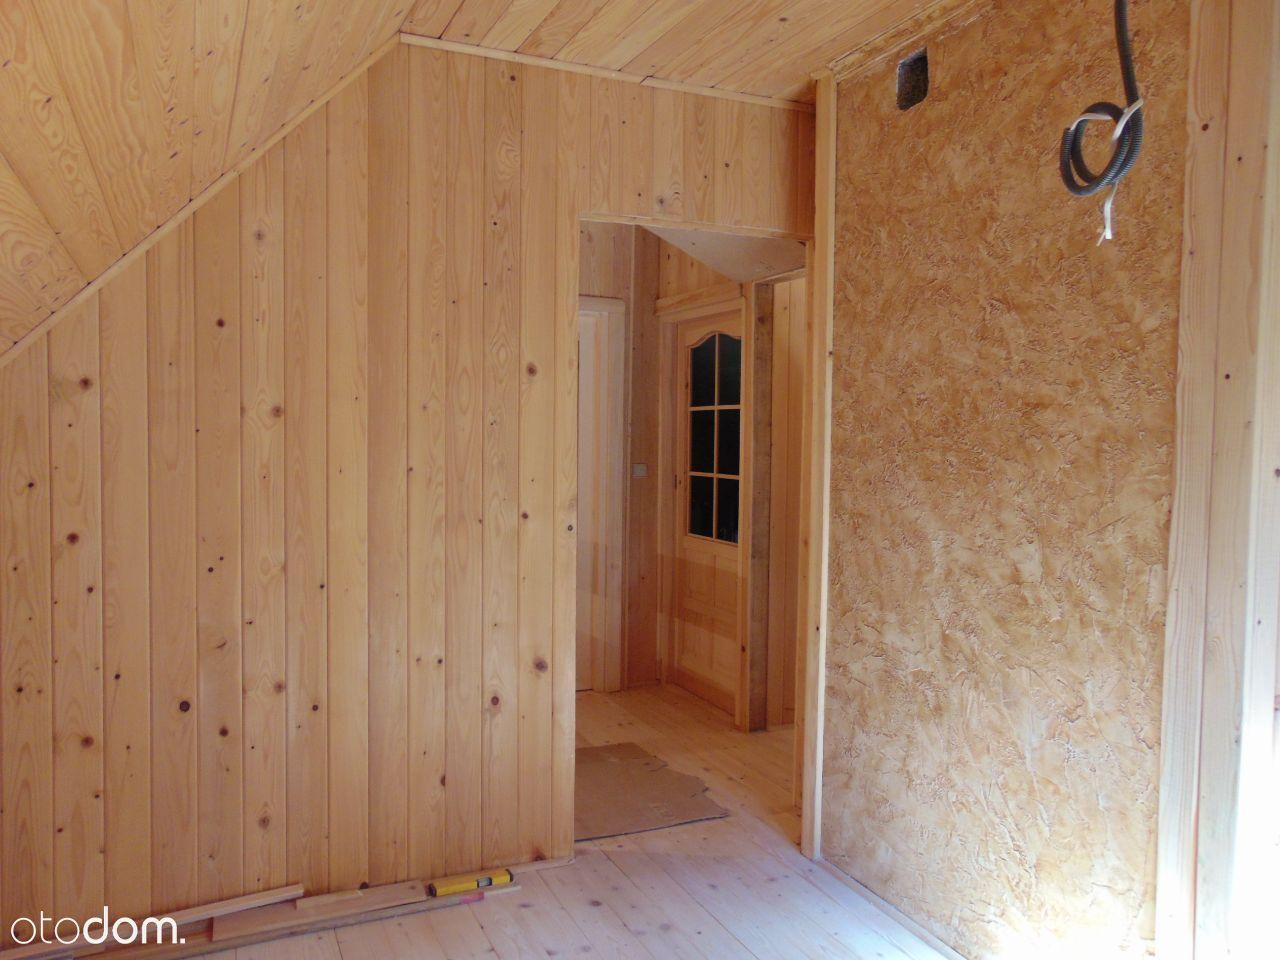 Dom na sprzedaż, Maleniska, leżajski, podkarpackie - Foto 6